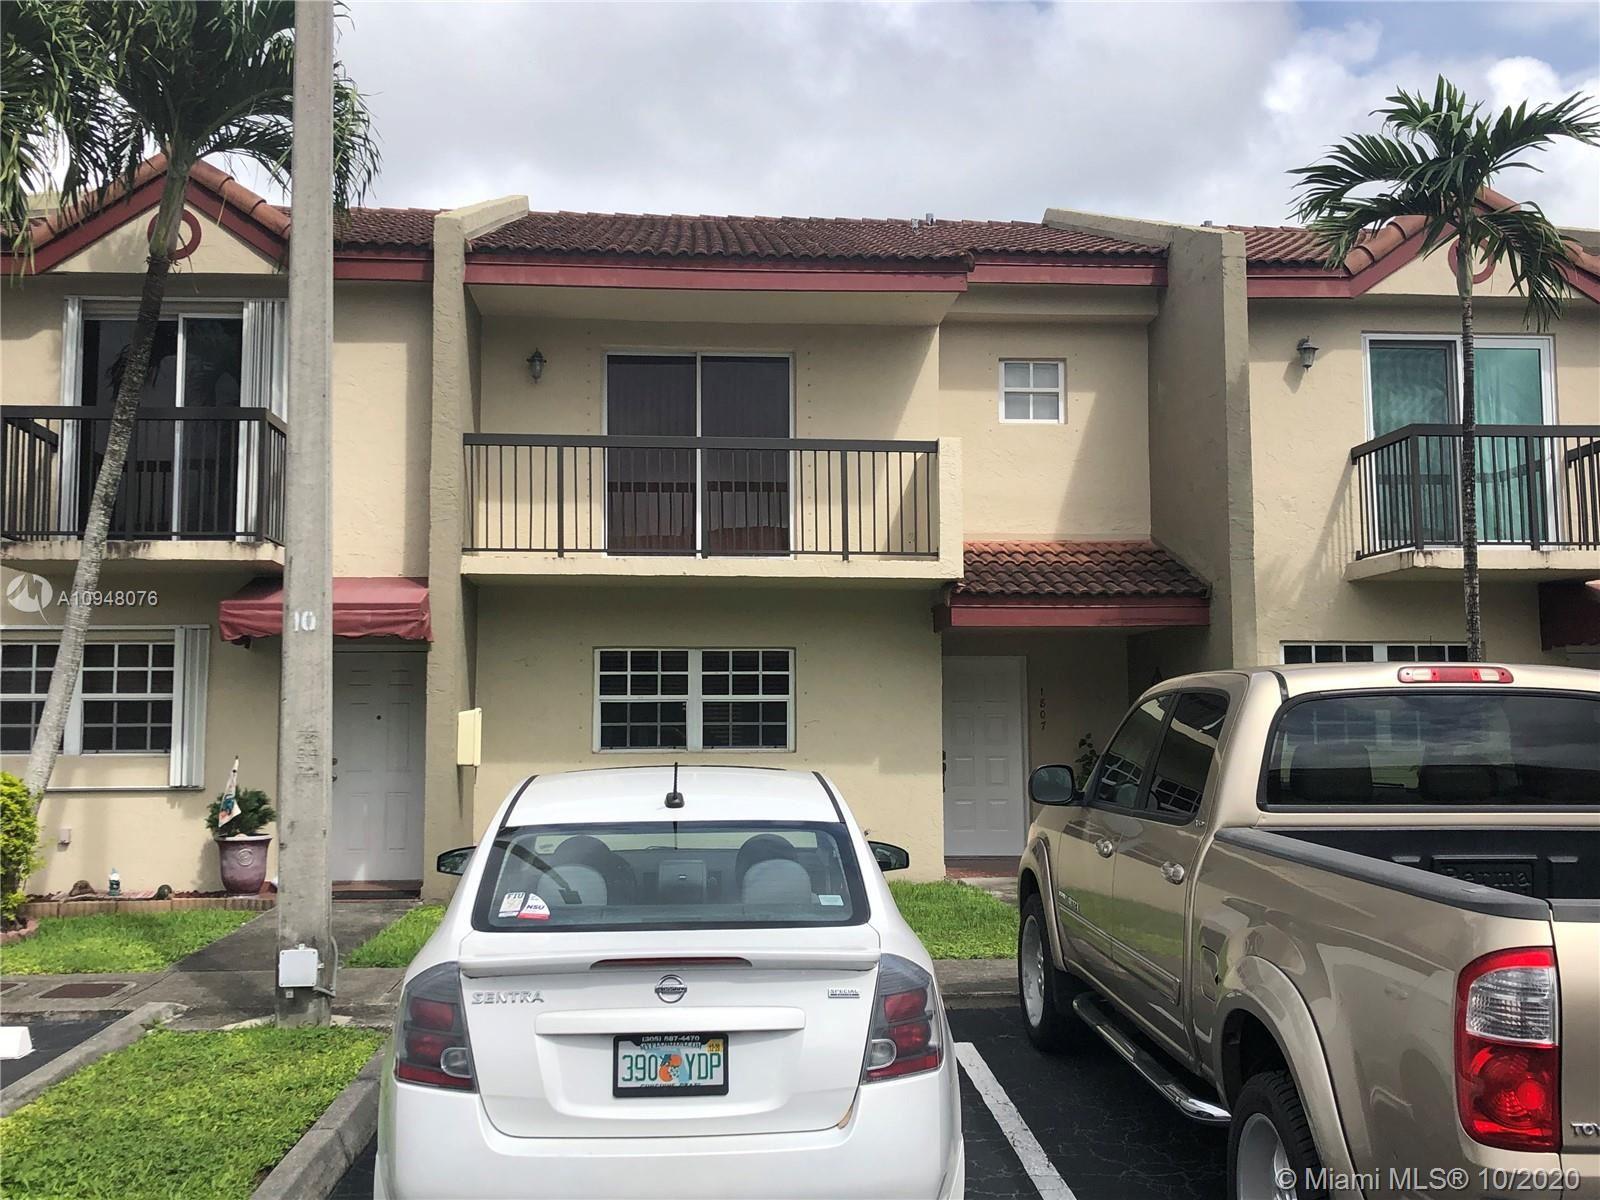 6105 SW 129th Pl #1807, Miami, FL 33183 - #: A10948076